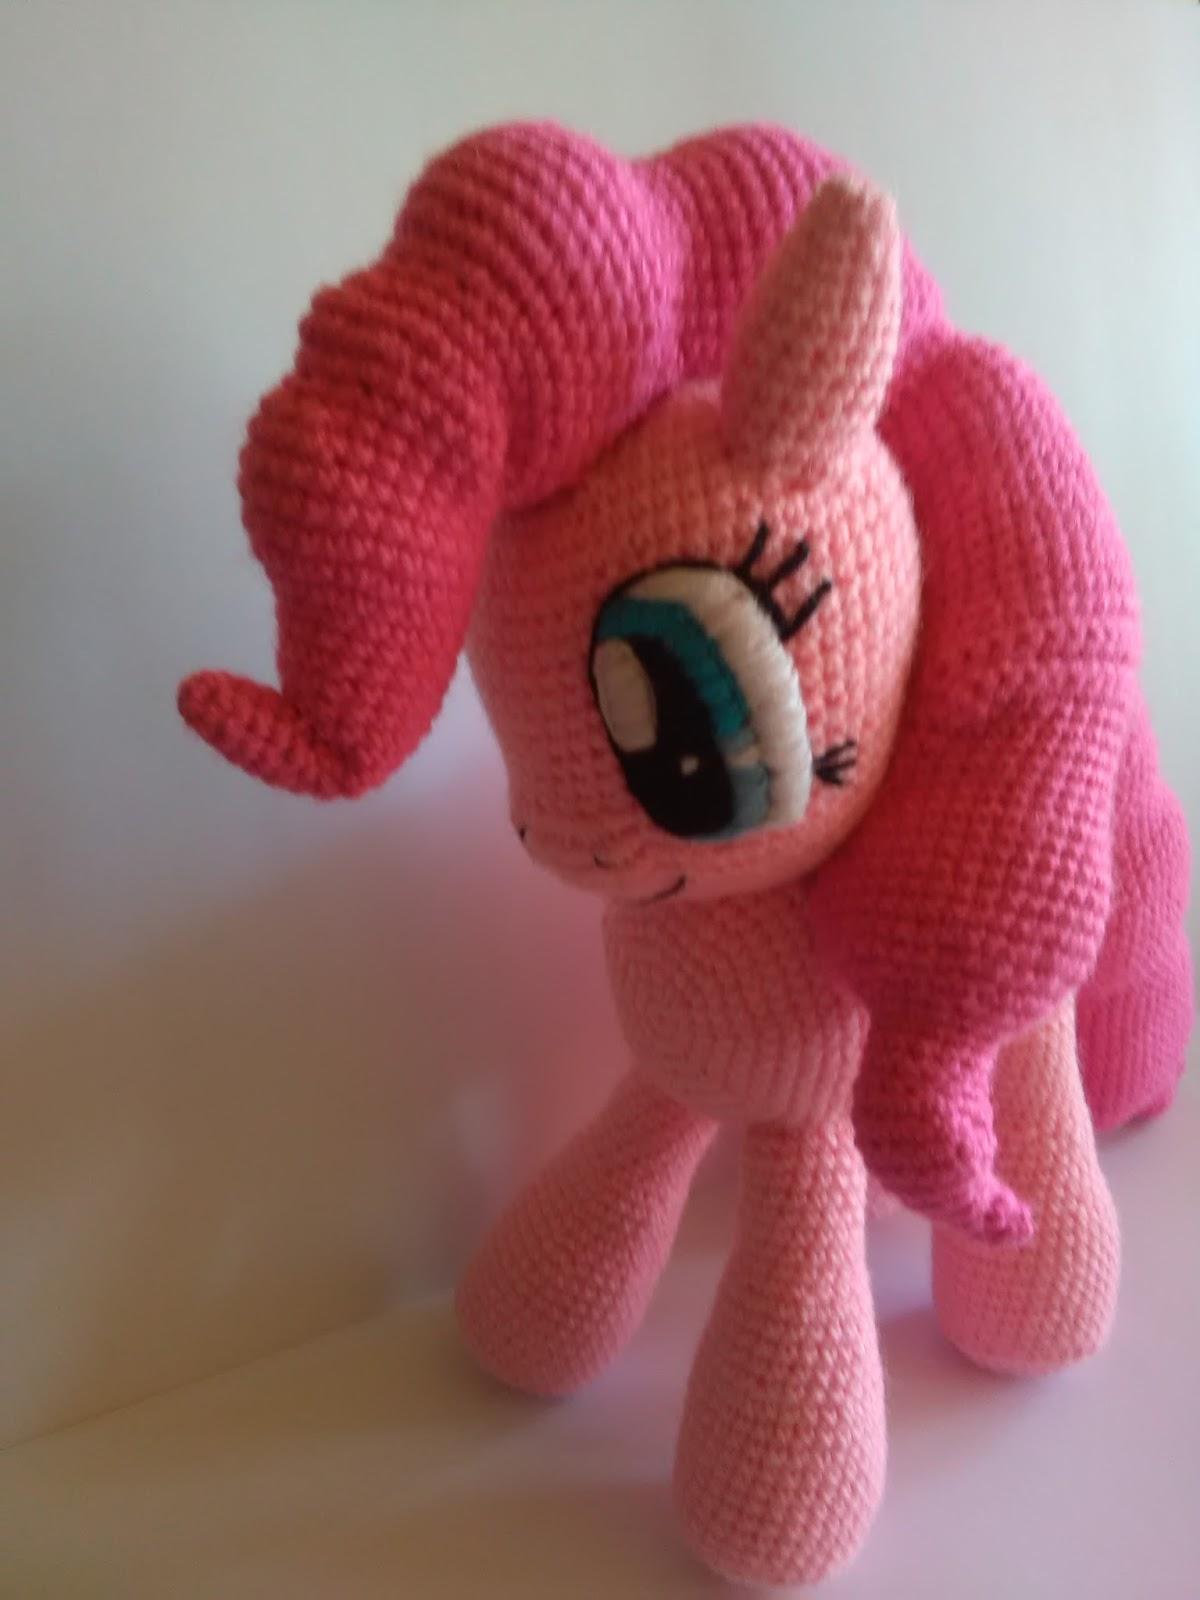 JENNITA DE AMOR MUÑEQUITOS: Pony \